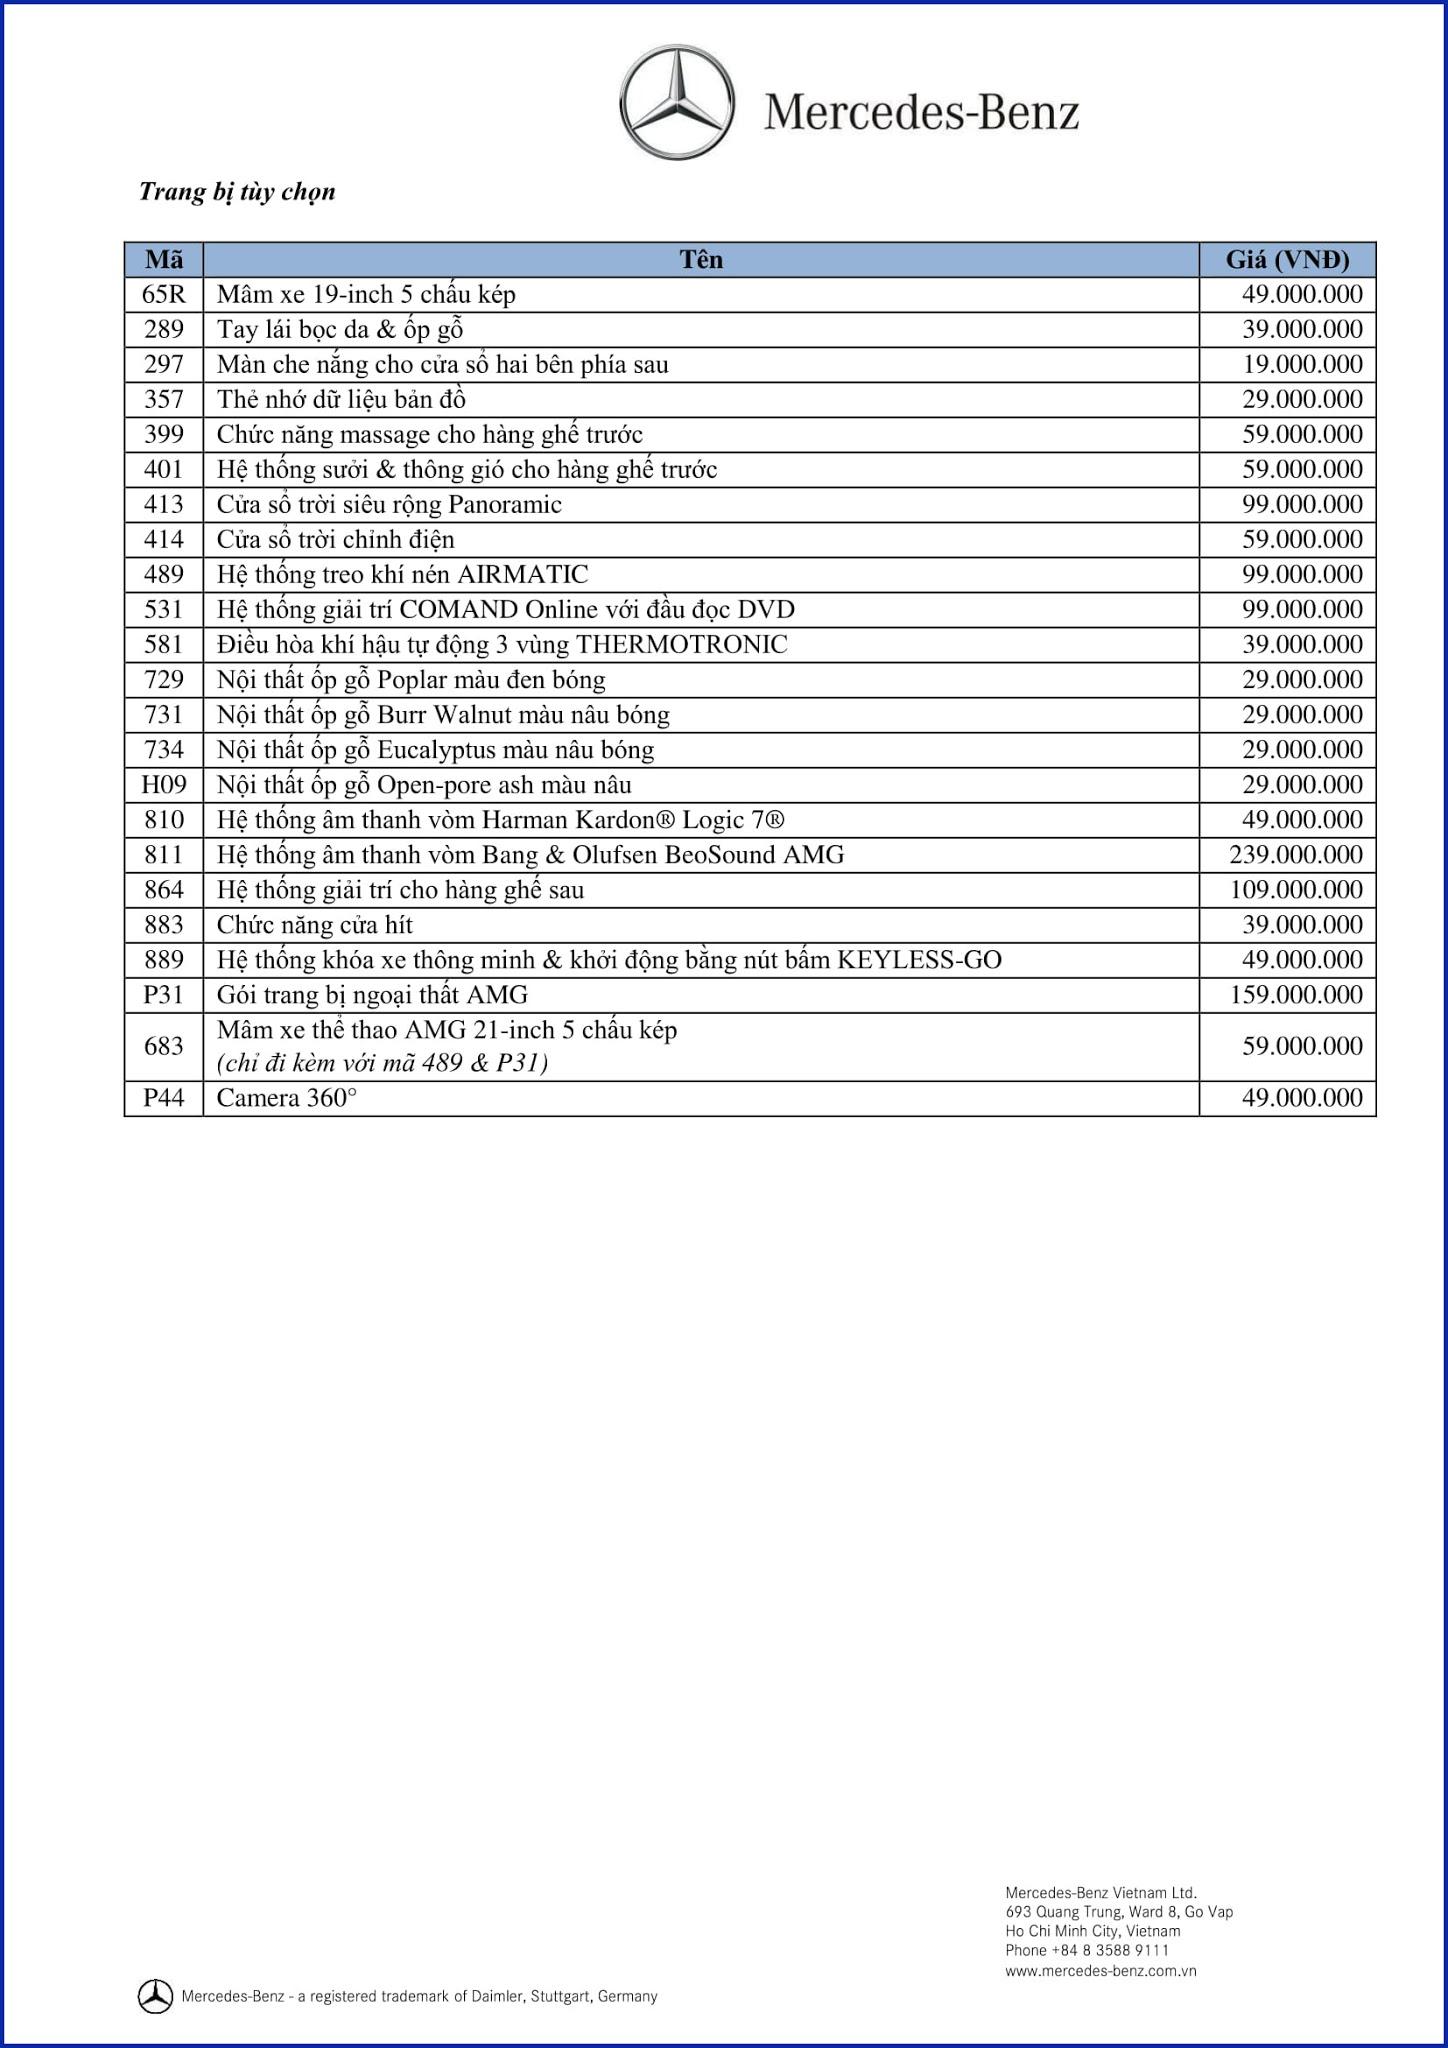 Bảng thông số kỹ thuật Mercedes GLE 400 4MATIC 2017 tại Mercedes Trường Chinh